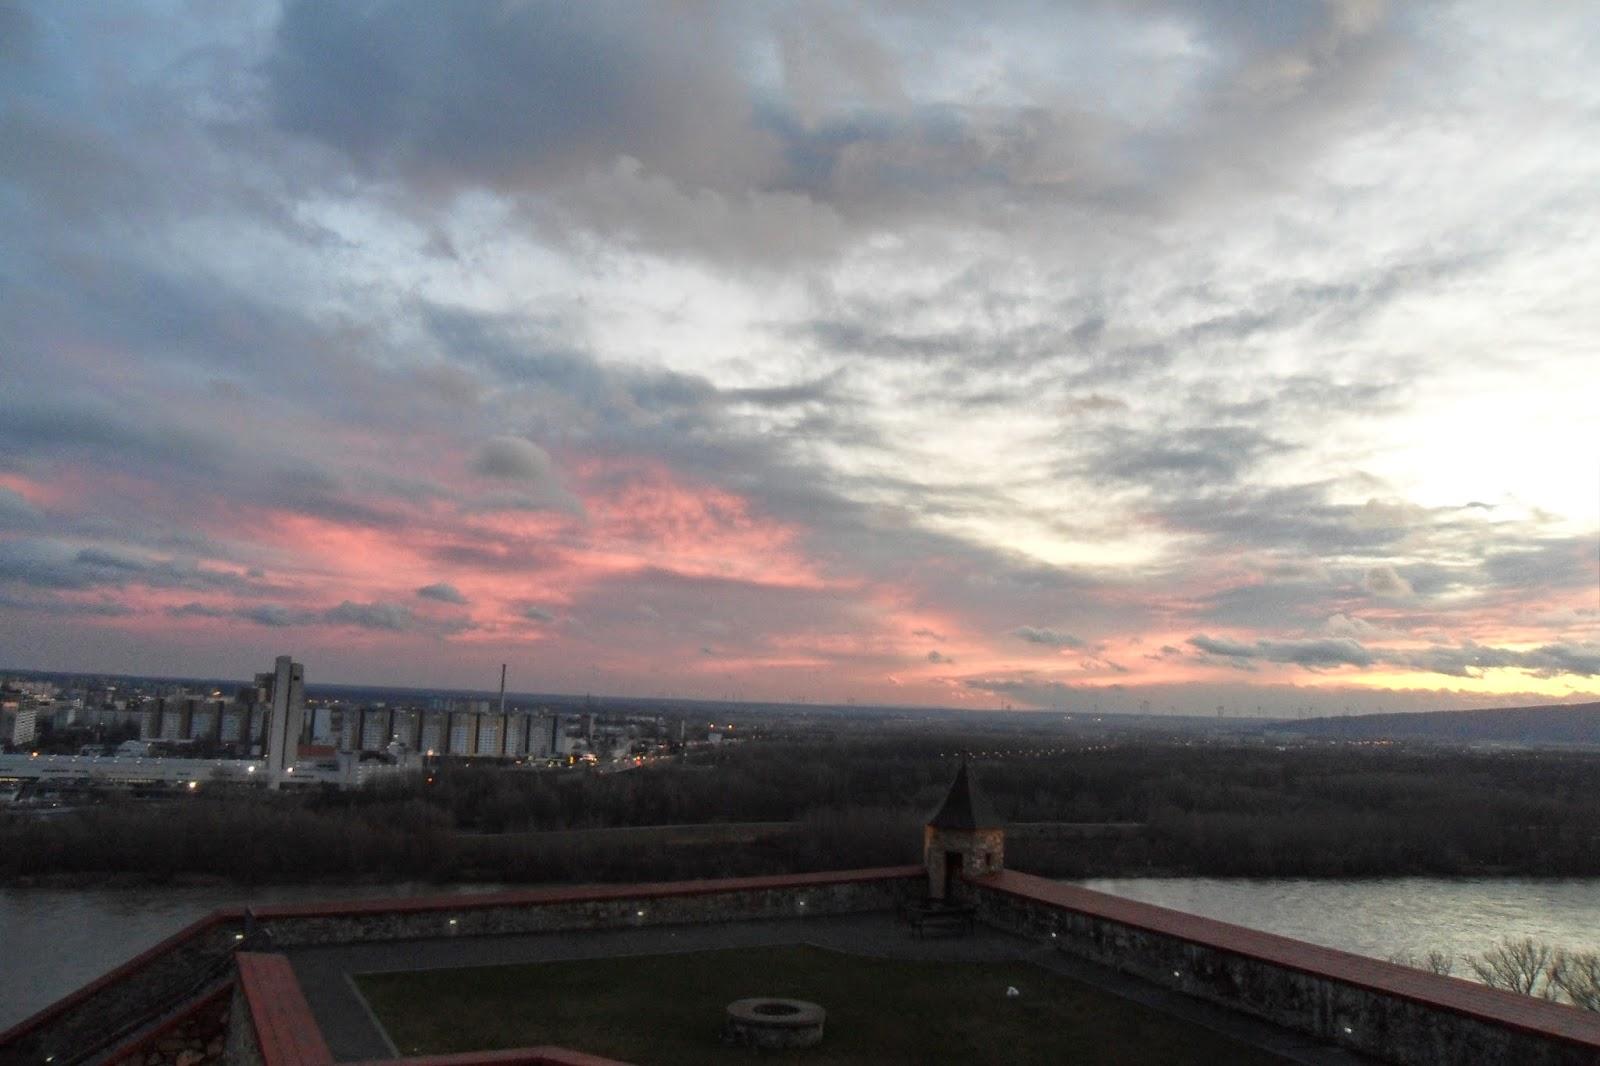 Sunset over Bratislava, Slovakia